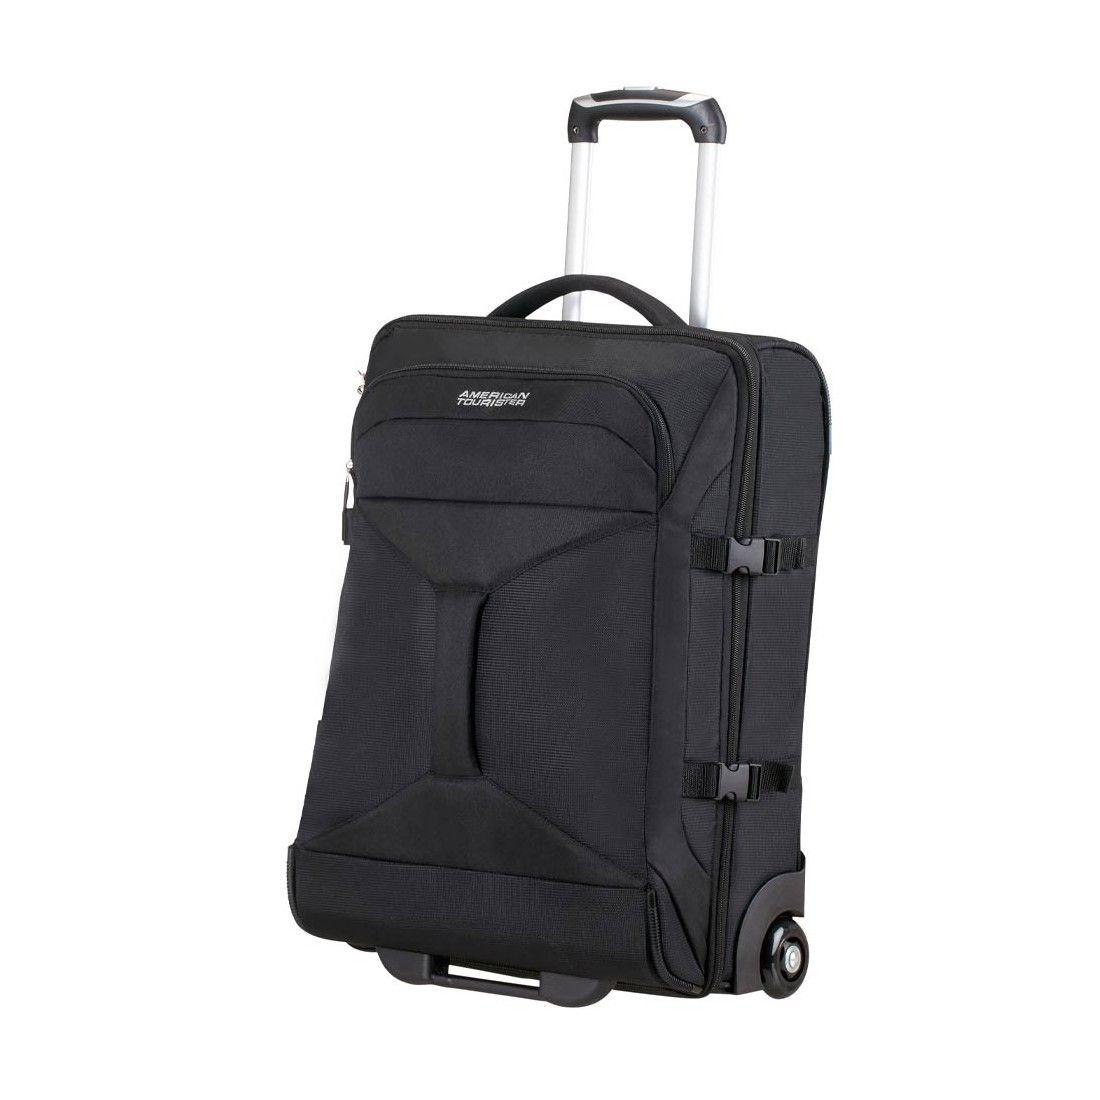 Bolsa de viaje con ruedas Road Quest - American Tourister - 1